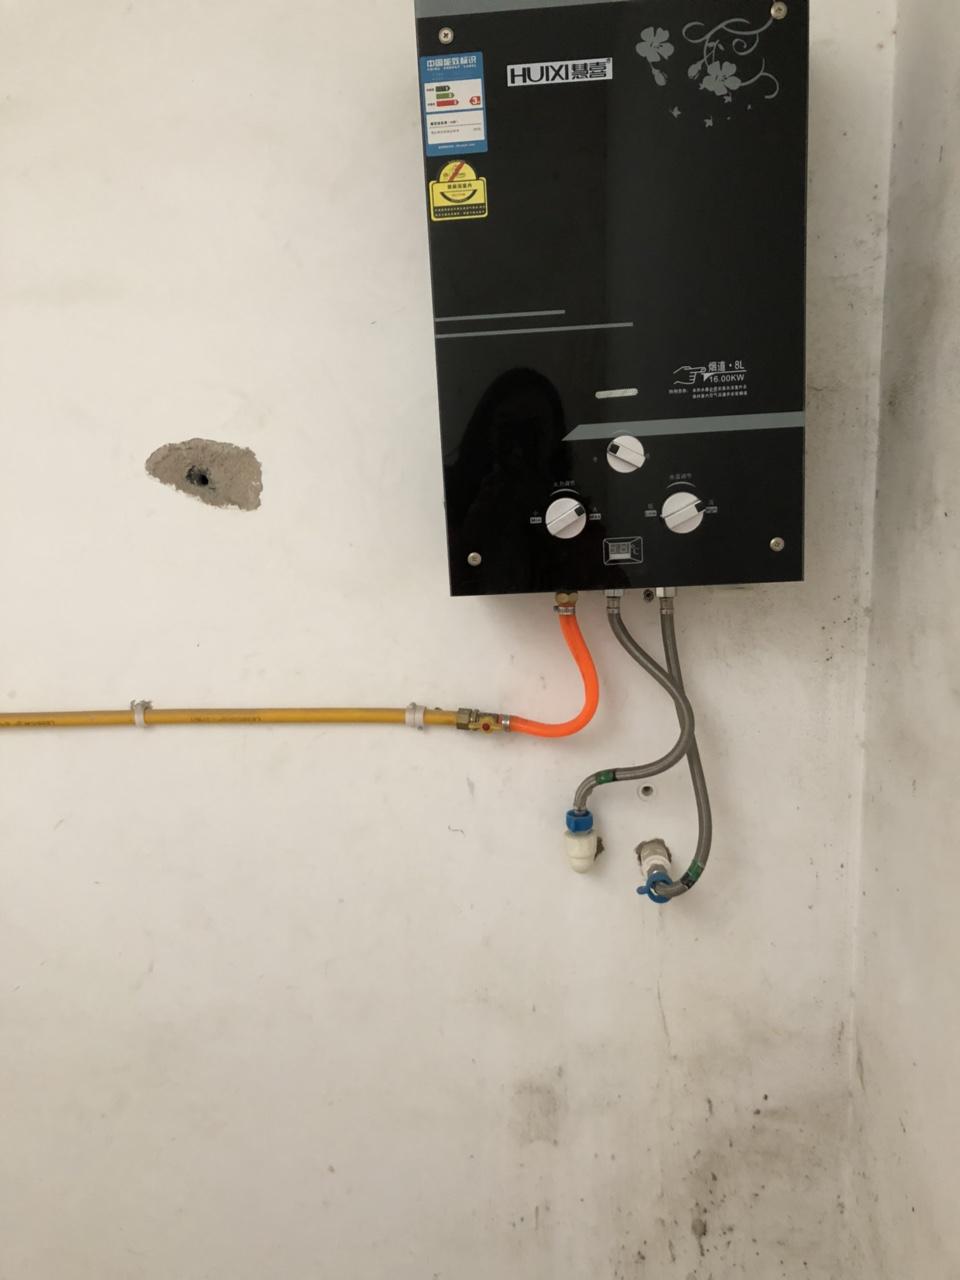 急售热水器...刚买的新的,喜欢拿走300元,百分百亏血本卖,天然气热水器,95新...房租还有几天...